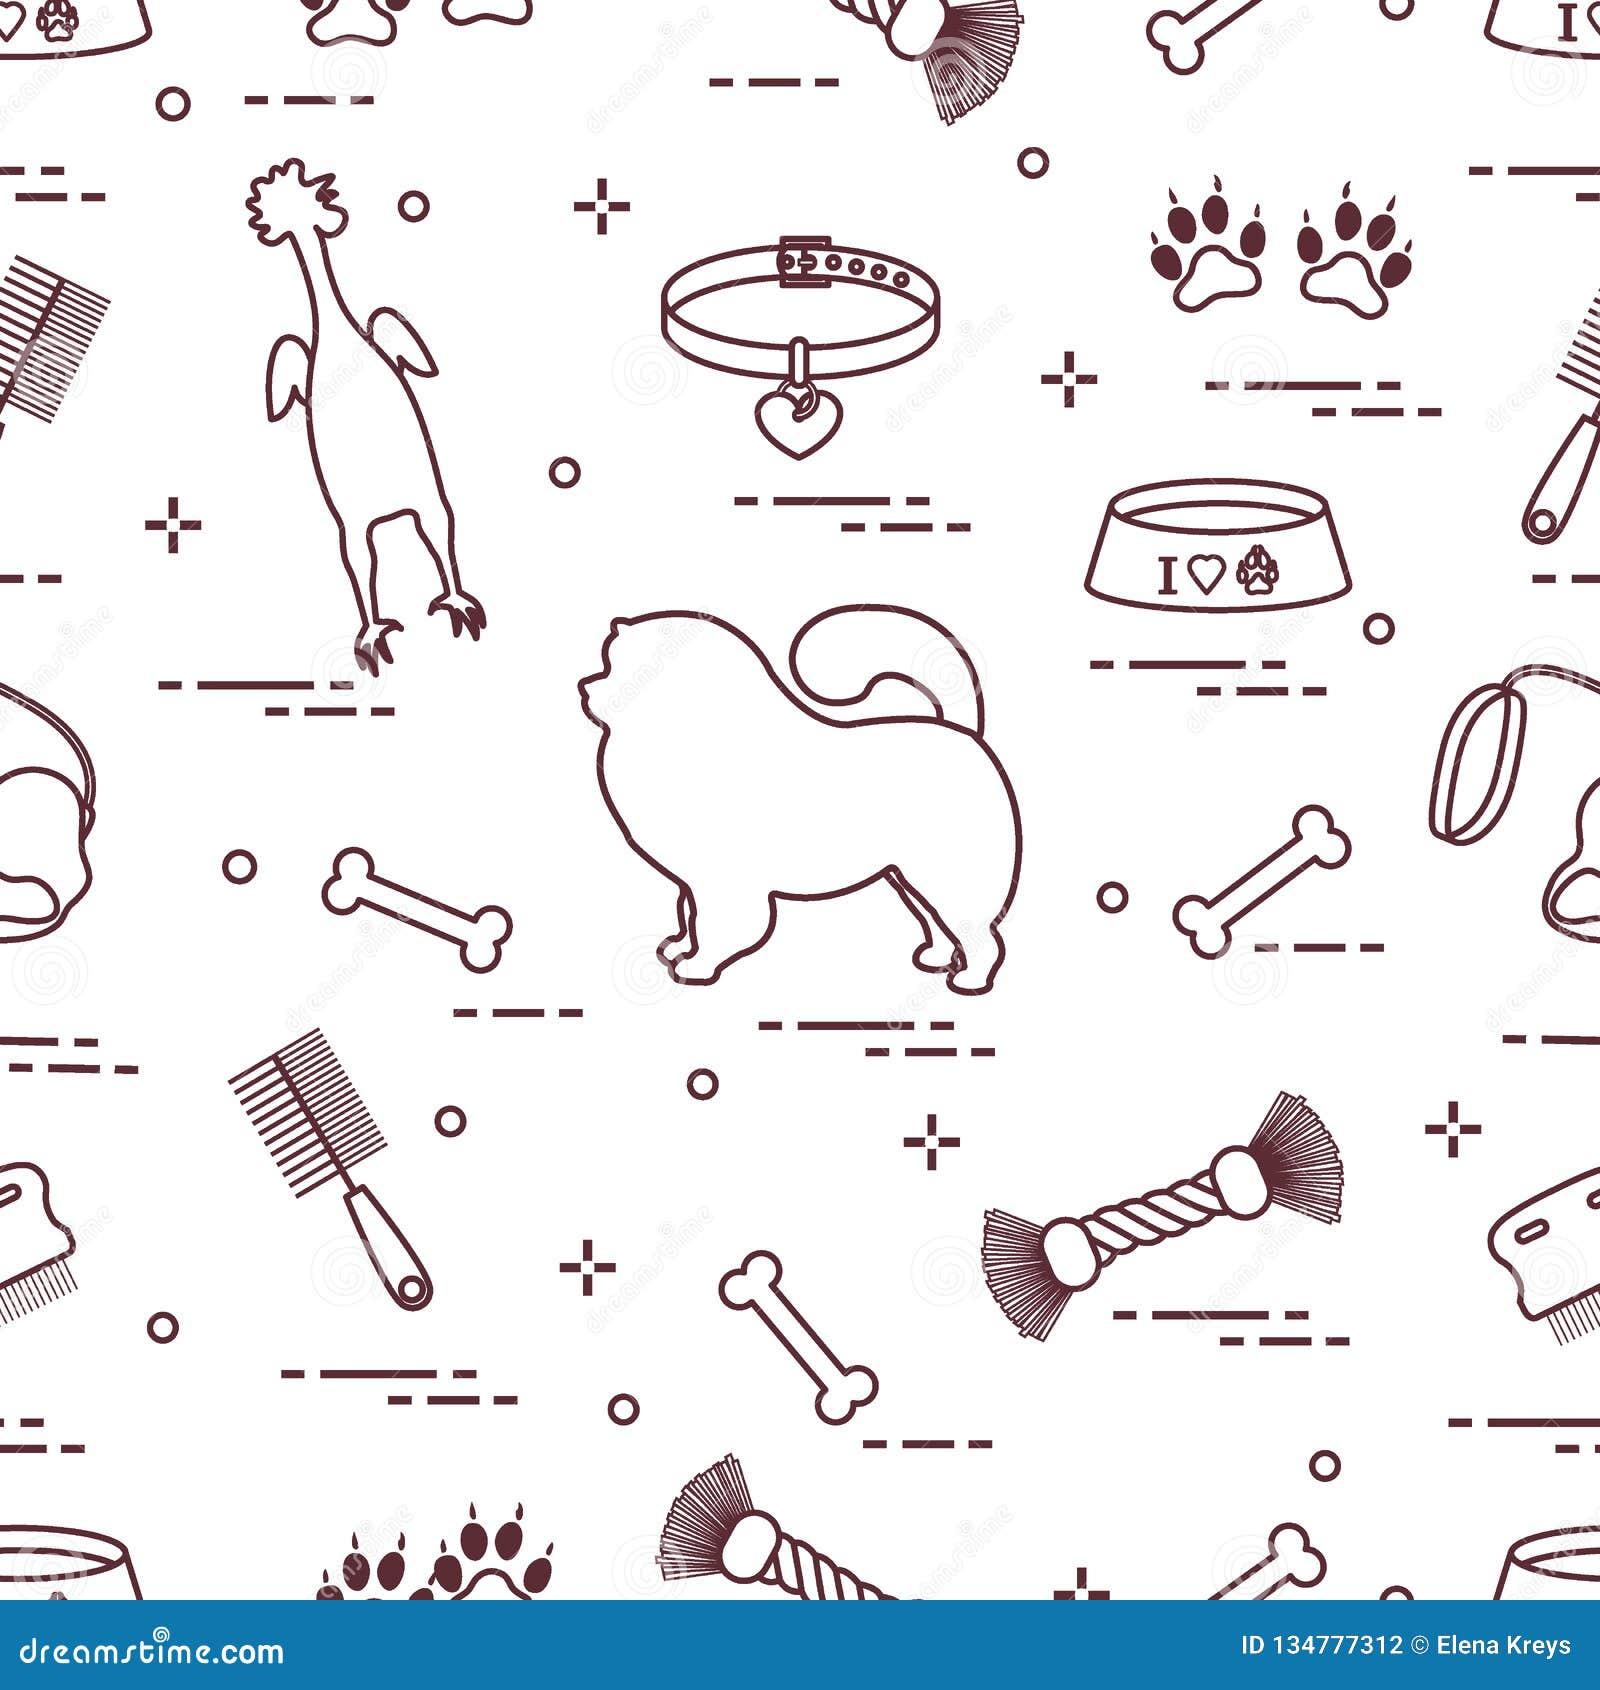 Modell av den konturkäk-käk hunden, bunken, benet, borsten, hårkammen, leksaker och andra objekt som att bry sig för husdjur